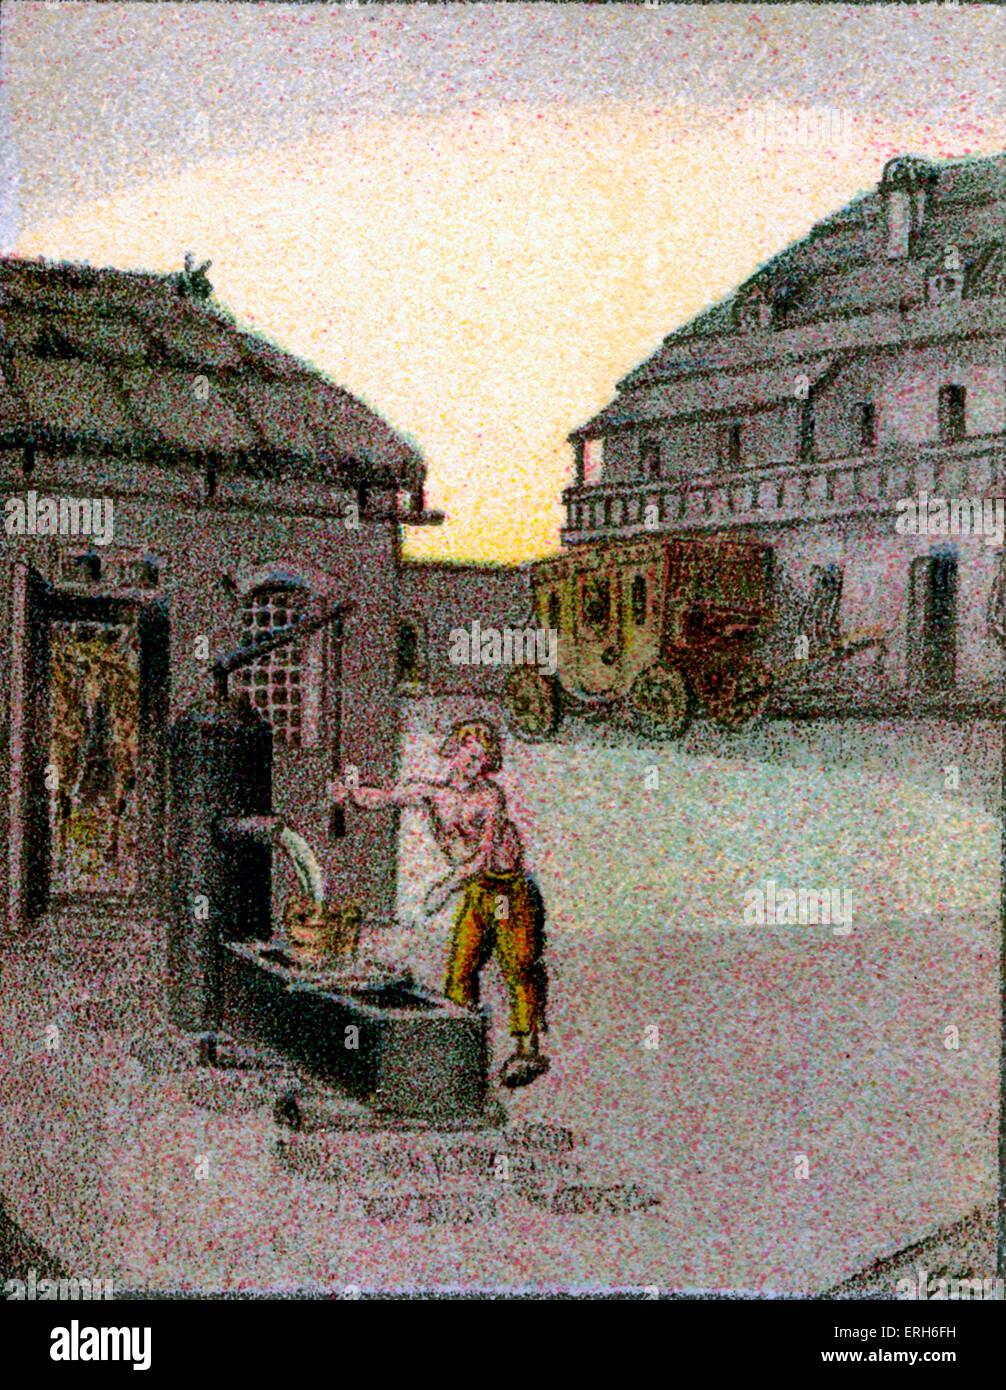 Die Glücksritter by Joseph von Eichendorff ('The Adventurers'). Novella, illustrated with lithograph - Stock Image